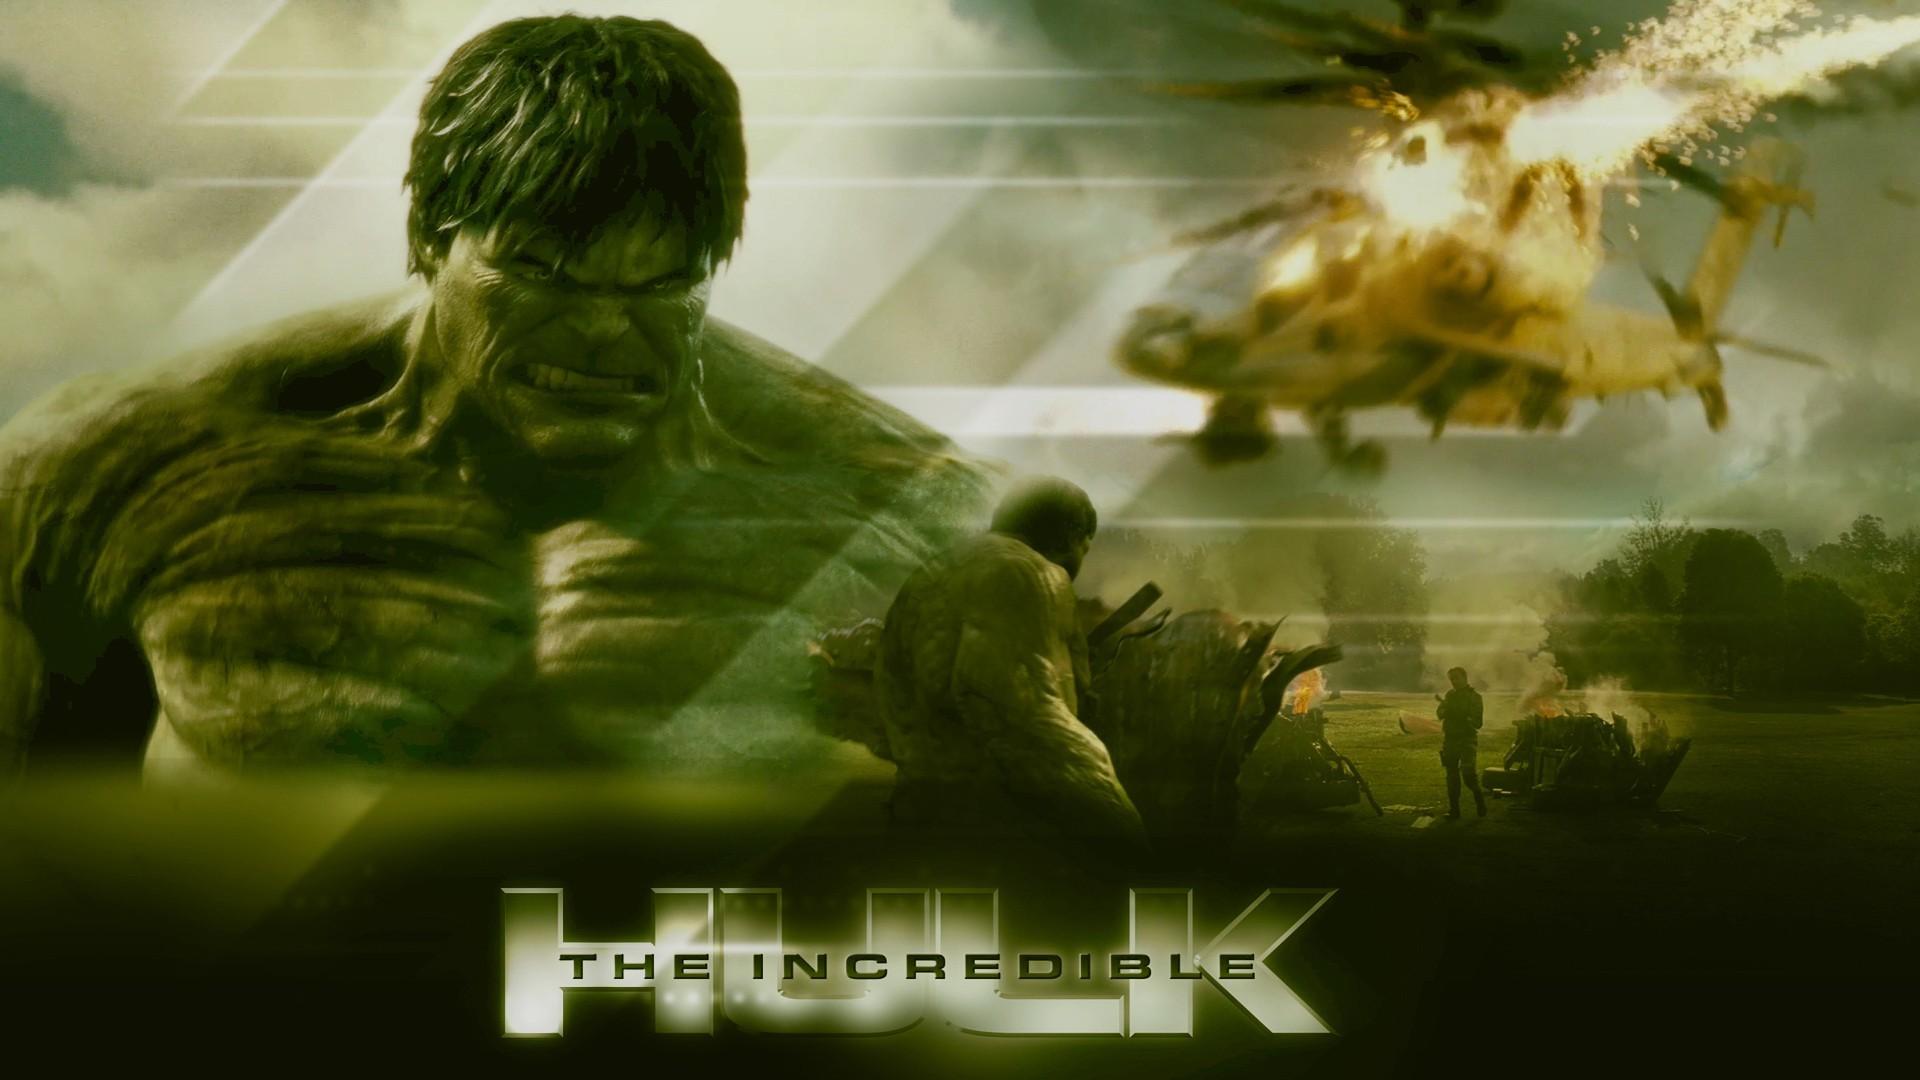 1920x1080 Wallpapers HD Hulk Smash Free Download